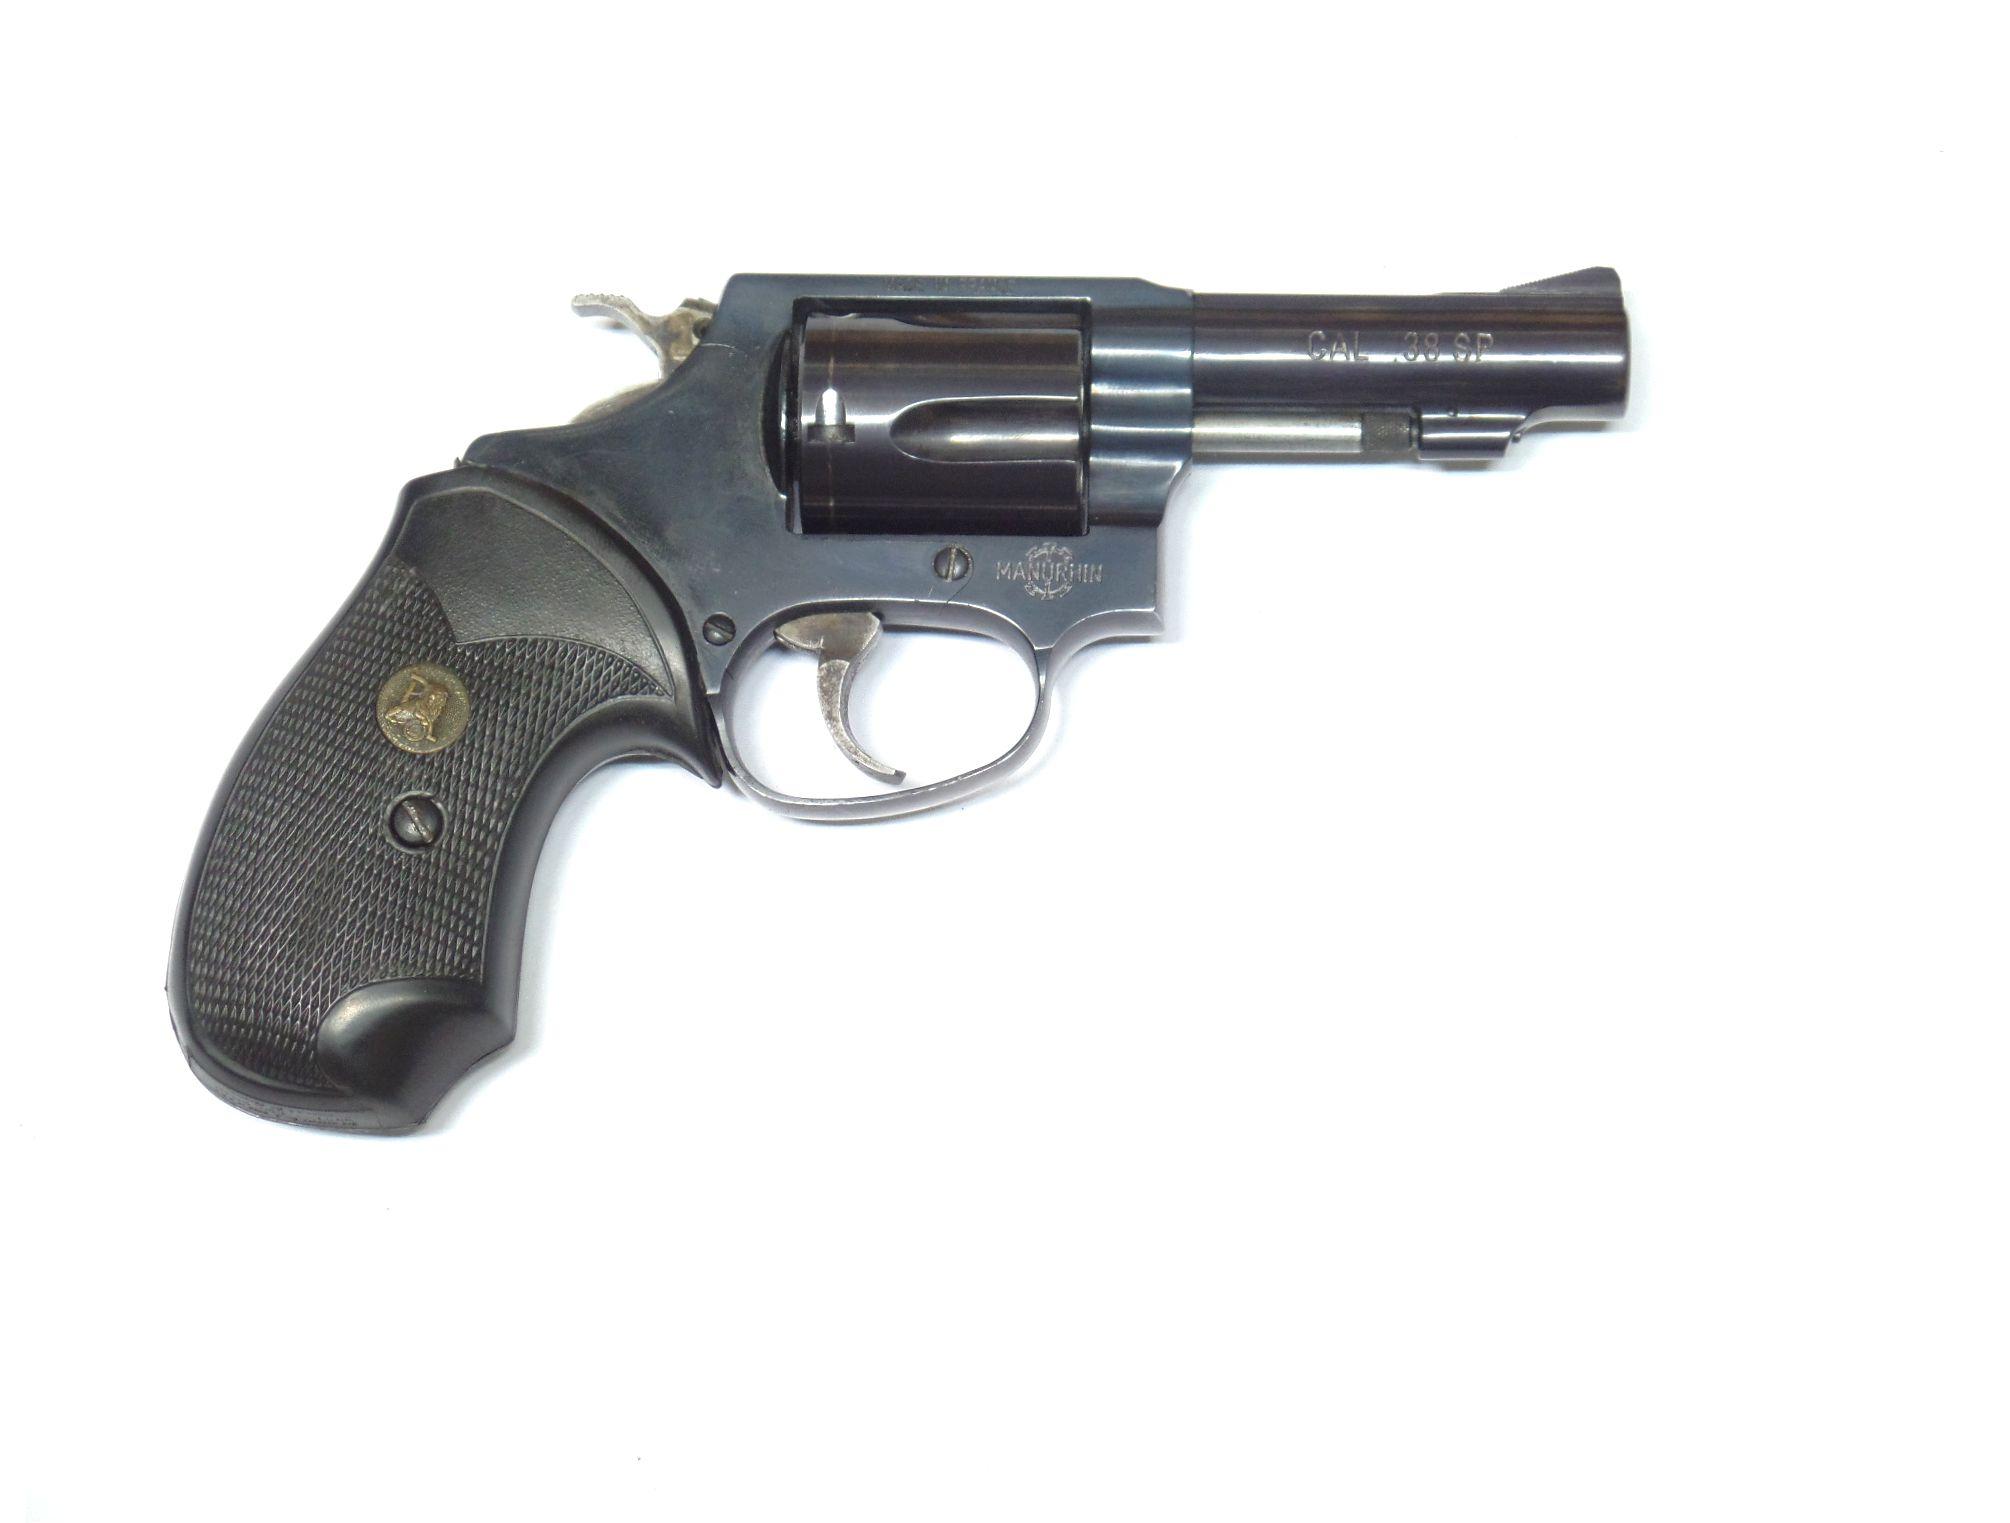 MANURHIN MRSP36 calibre 38Special